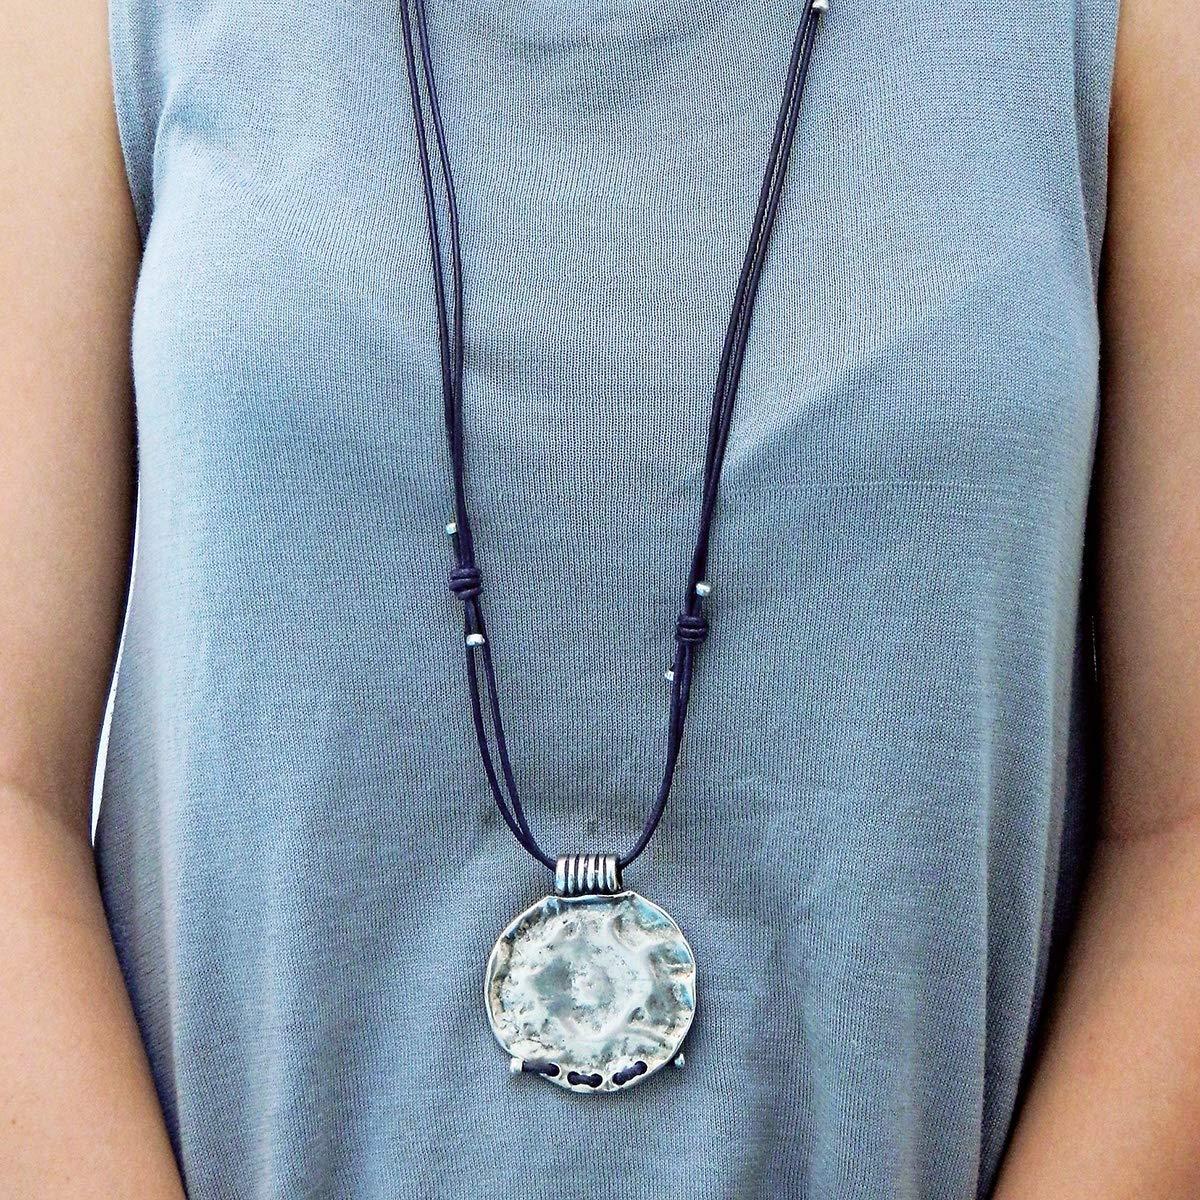 Collar largo hecho a mano de cuero y pieza de zamak por Intendenciajewels - Collar largo mujer - Collar de cuero y zamak - Joyeria artesanal